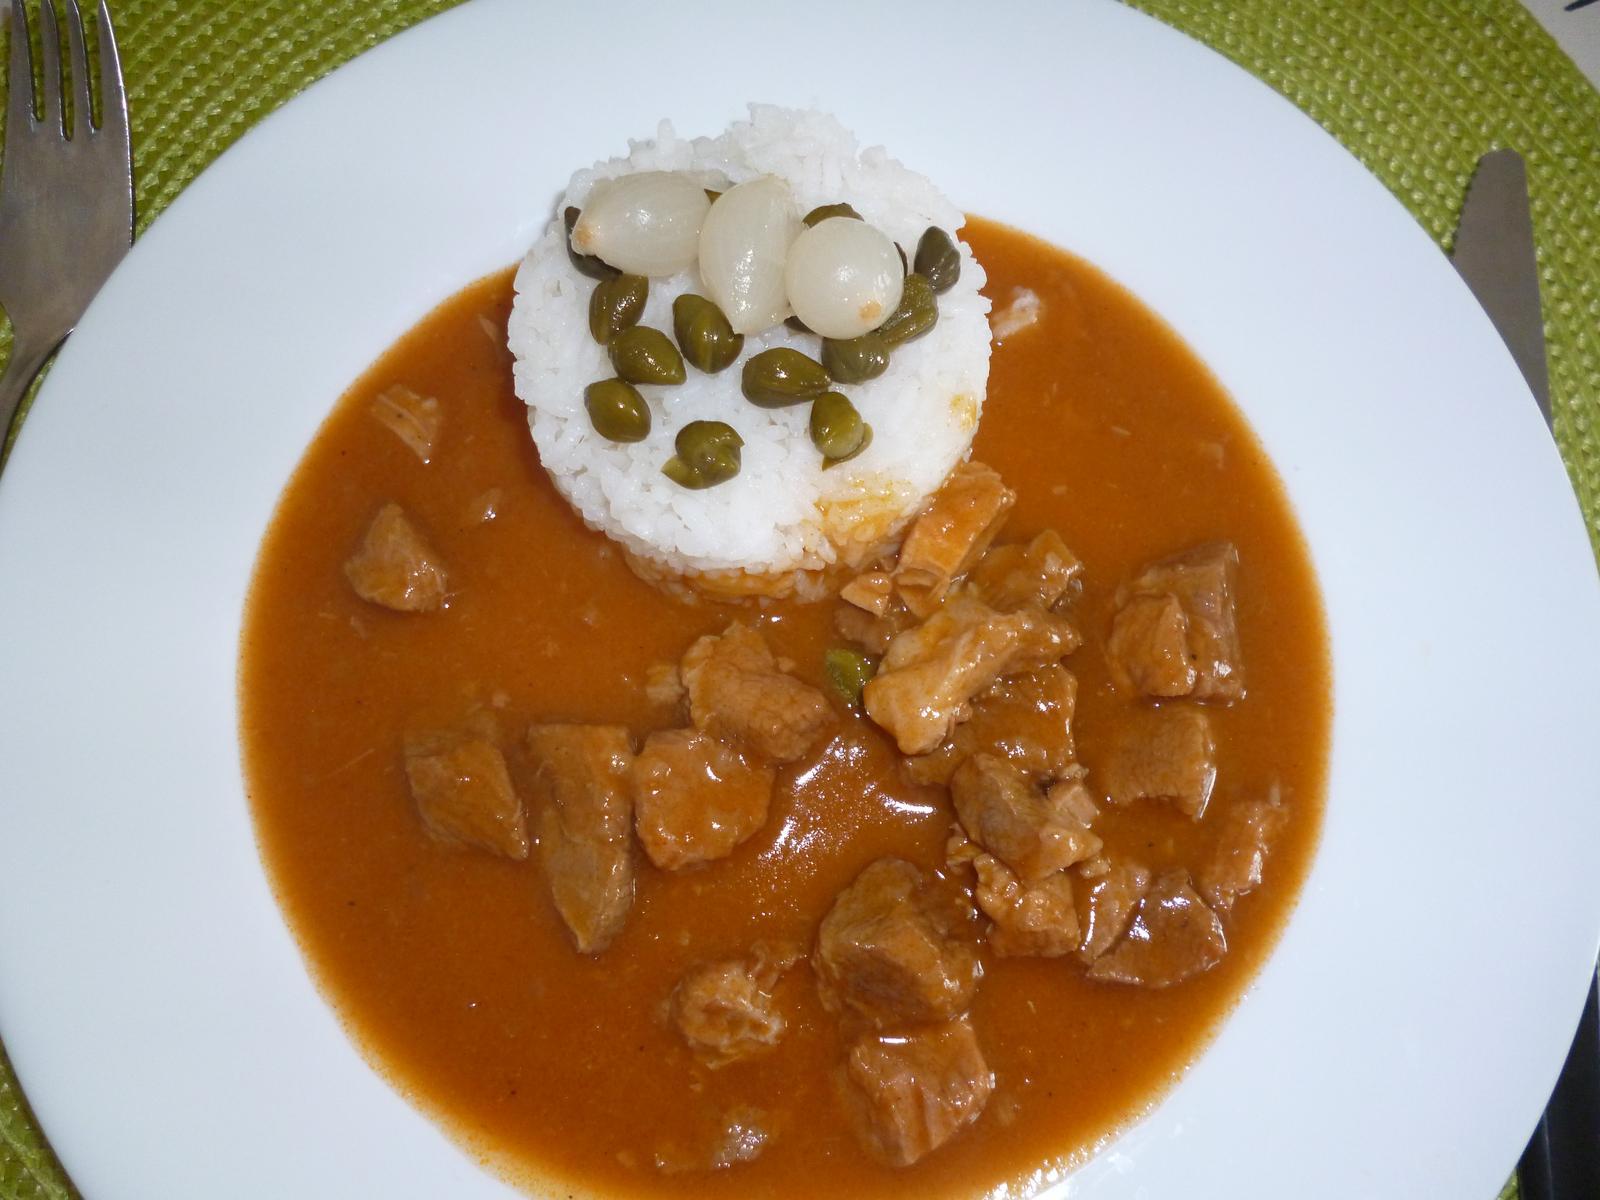 Což dát si něco k snědku - plovdivské maso